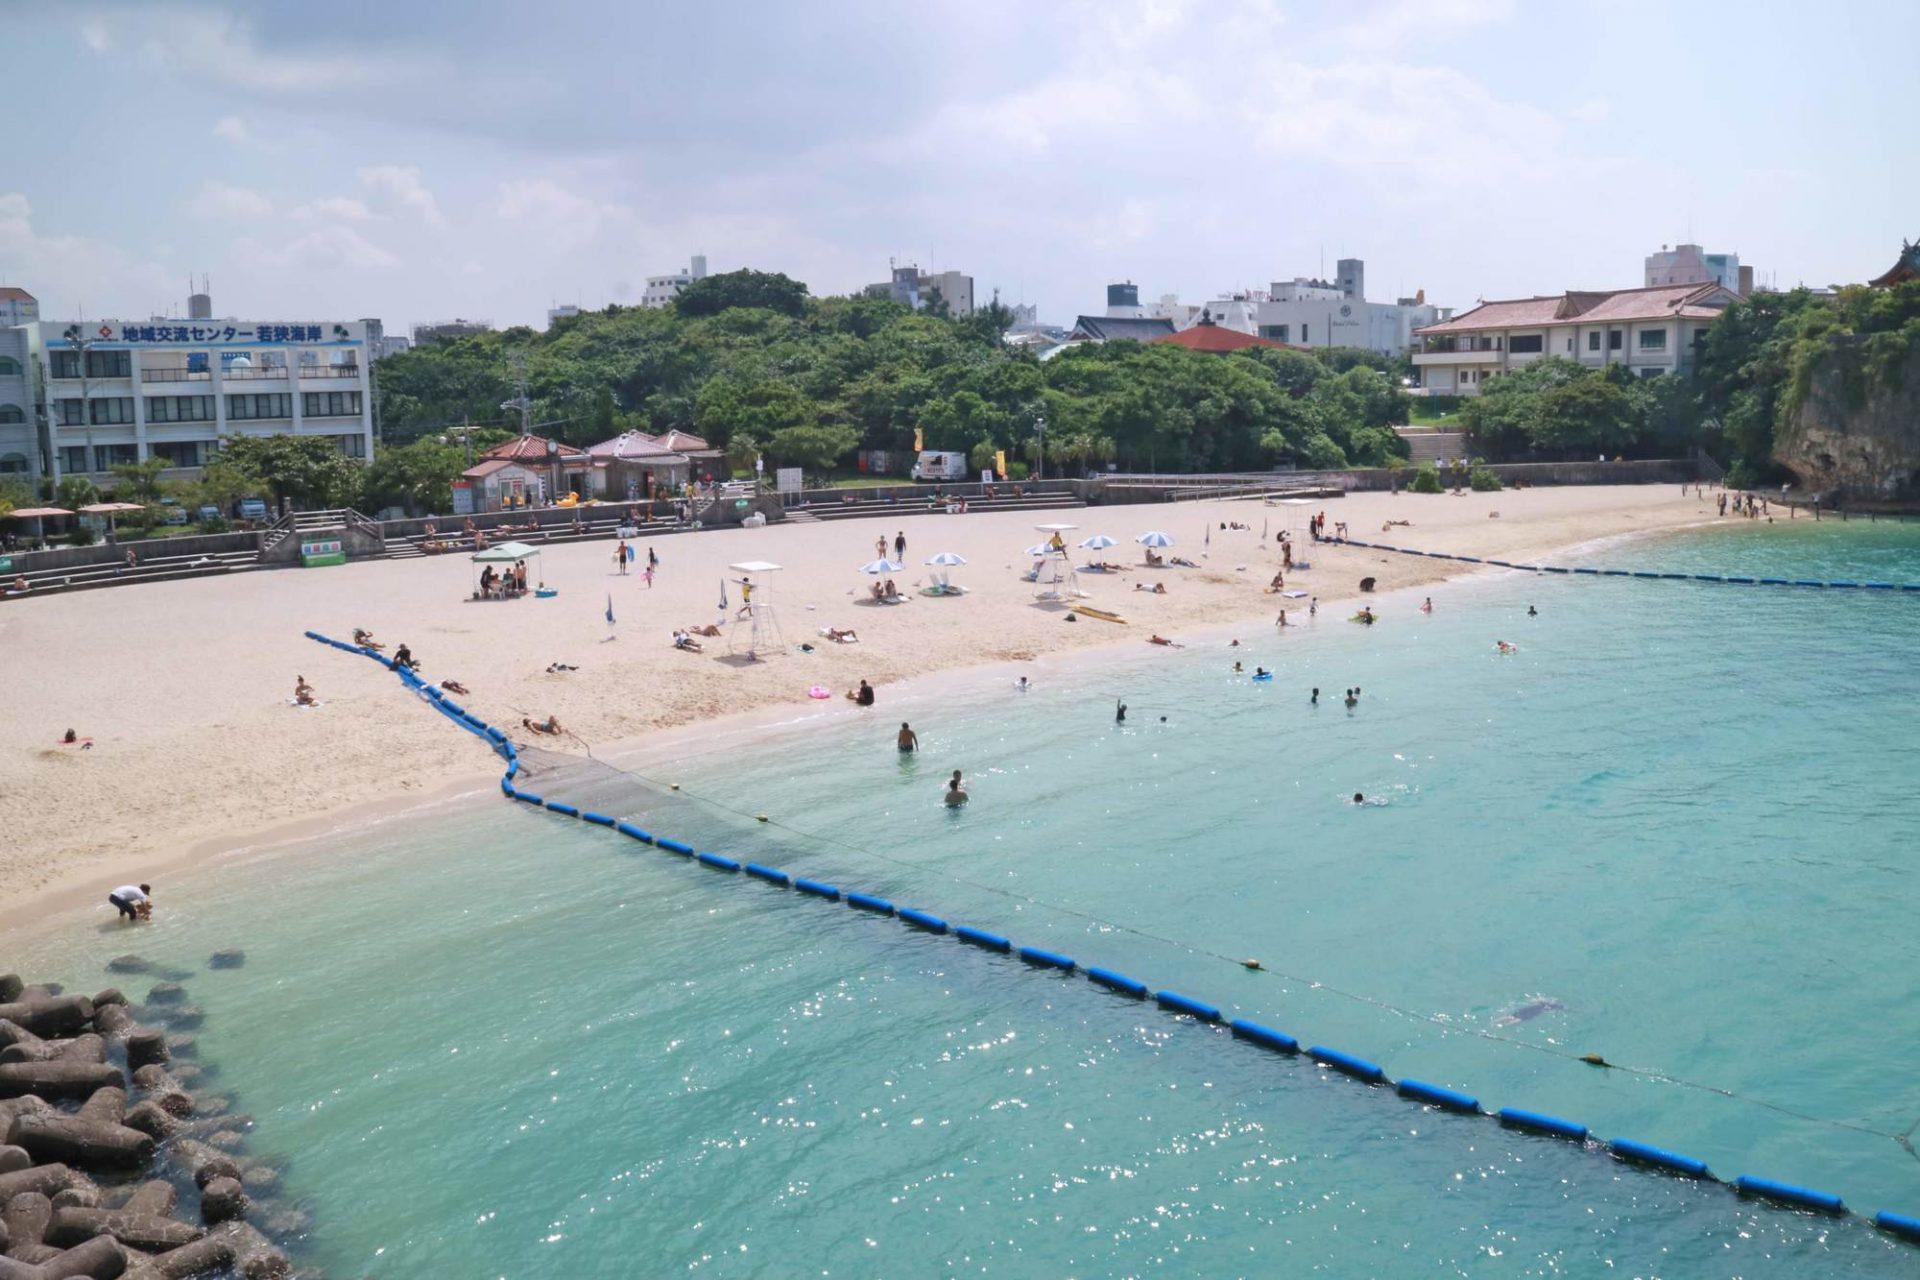 海水浴 那覇市 旭橋 波の上ビーチ 散策 街歩き